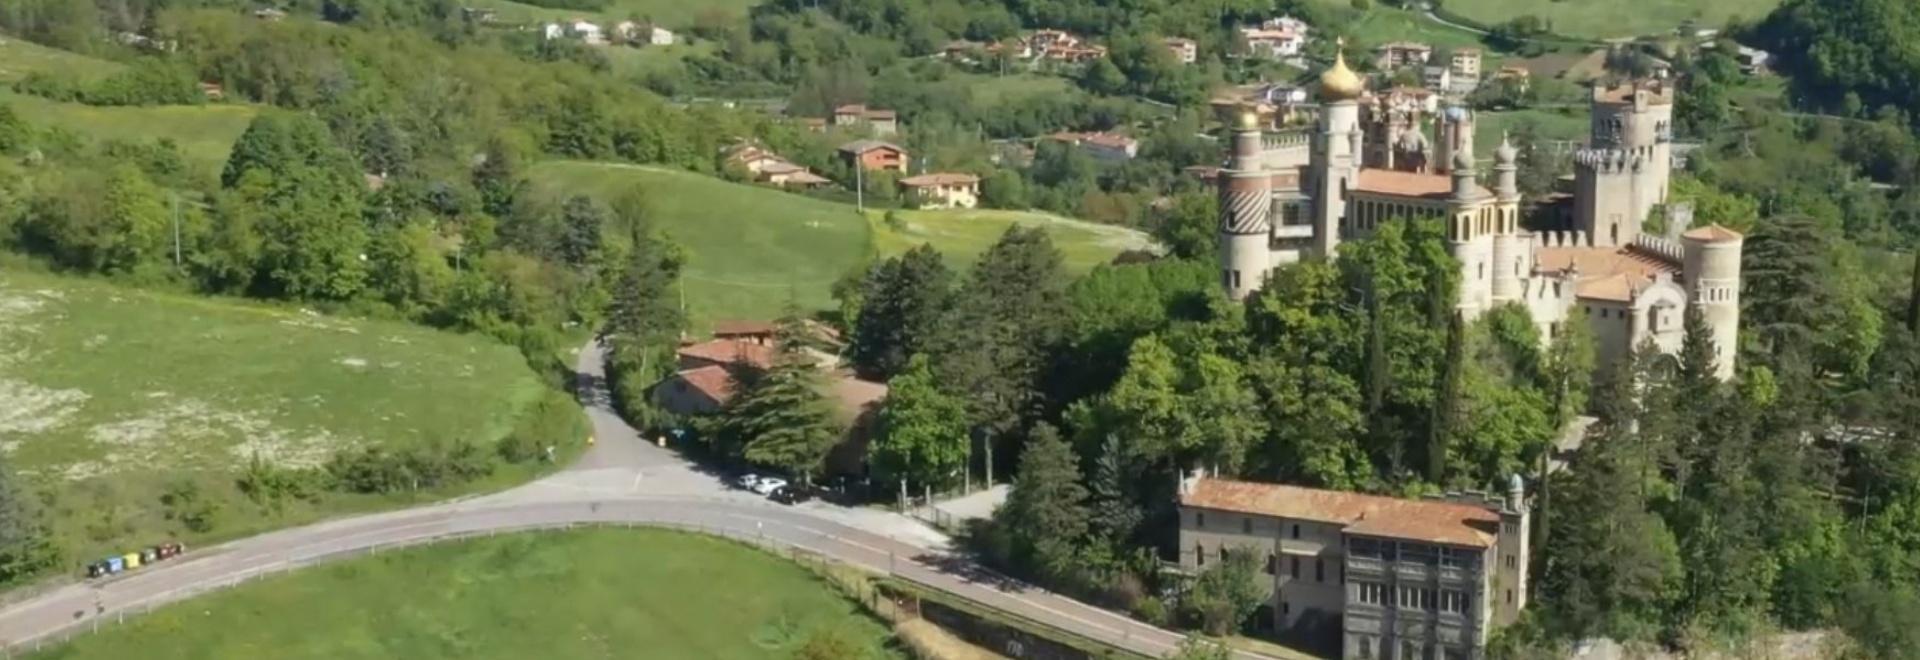 I Chiostri e la pianura Padana